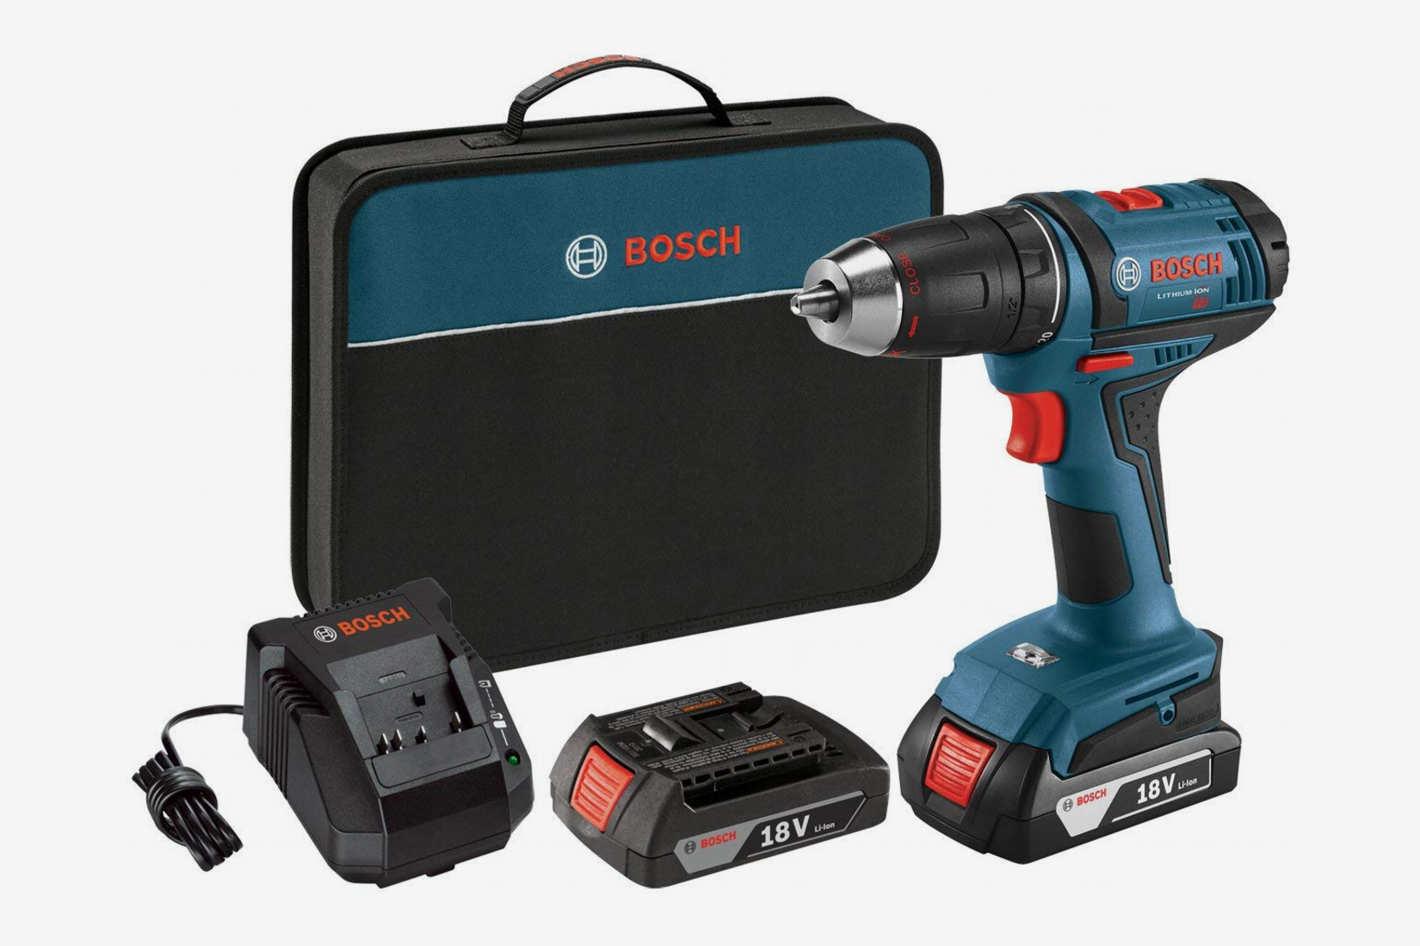 Bosch 18-Volt Compact Tough Drill/Driver Kit